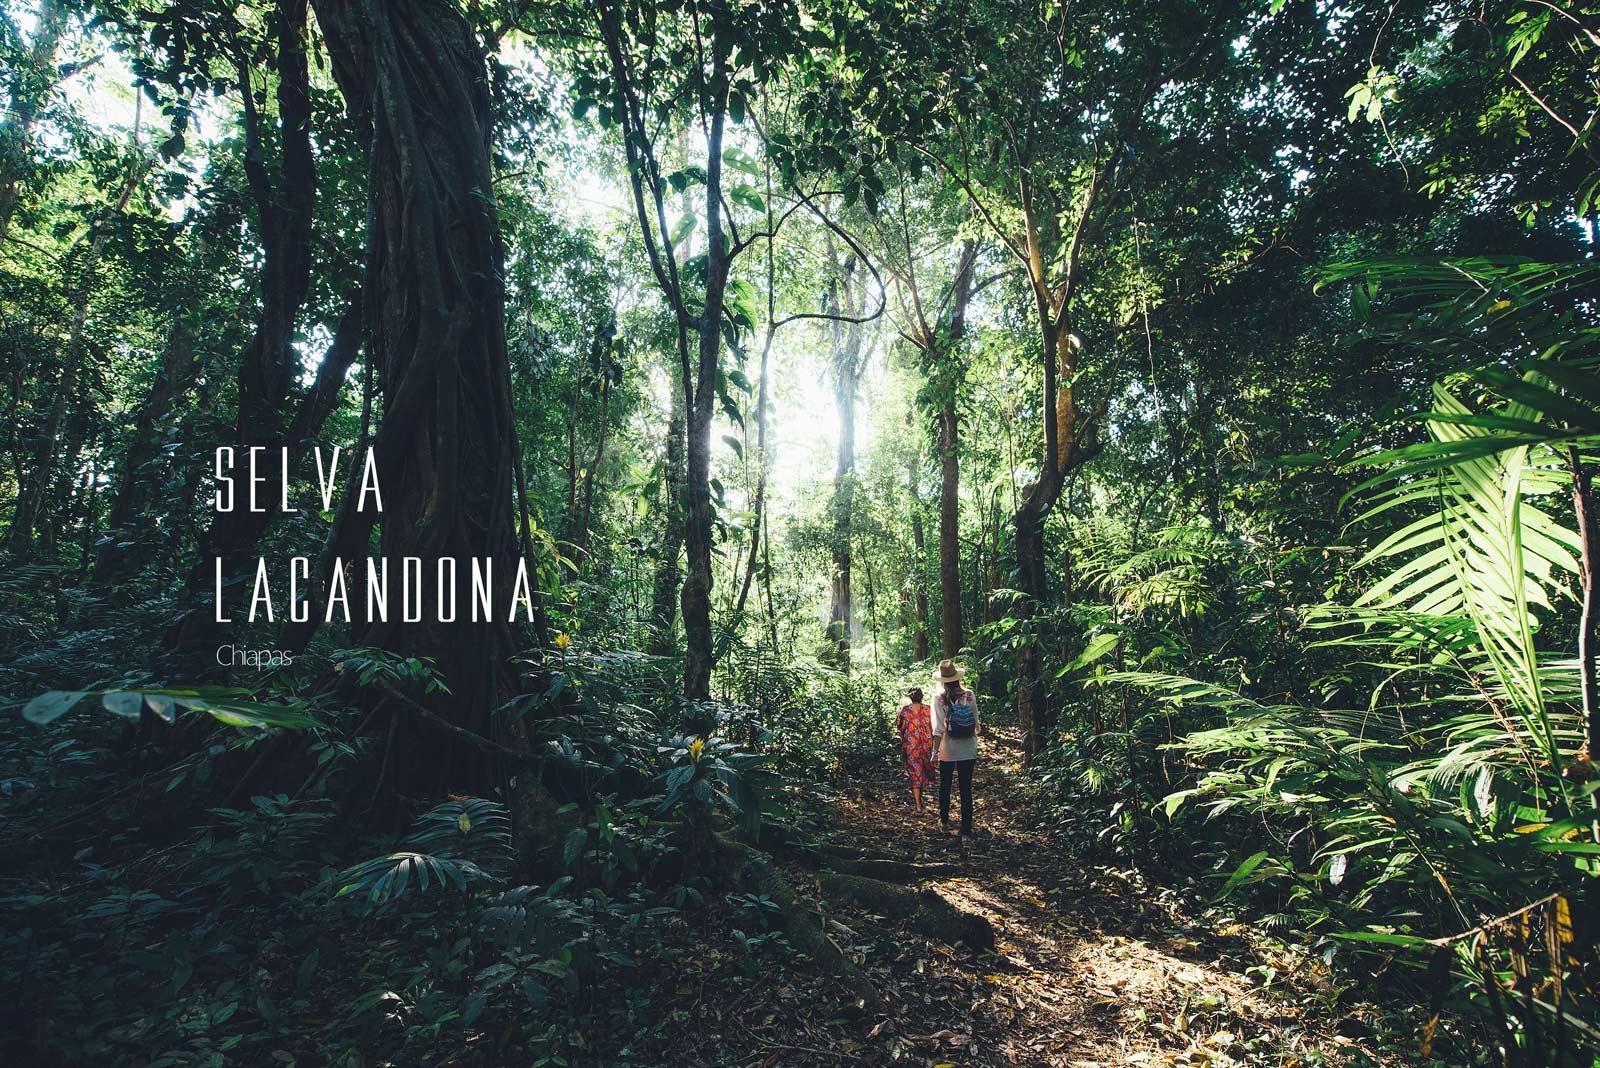 Foret Lacandona, Chiapas, Mexique